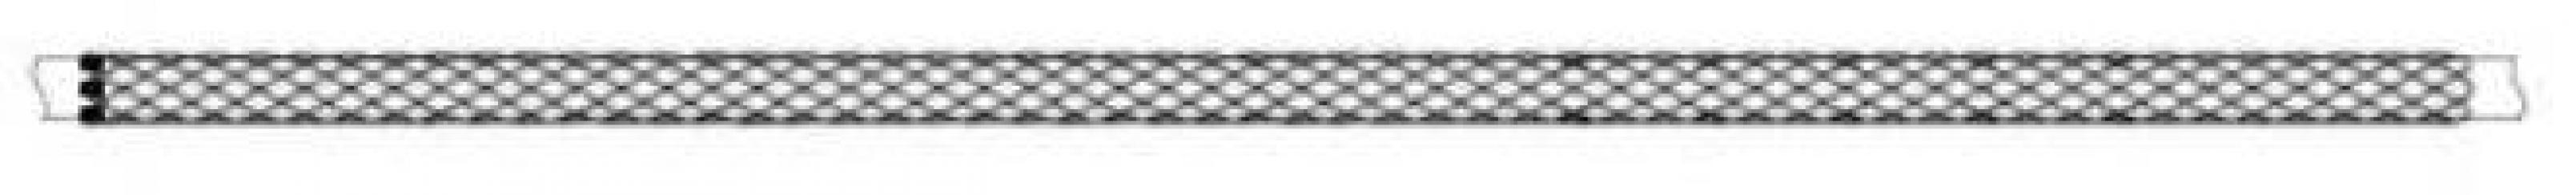 Кабельный чулок транзитный (соединительный) КЧТ30